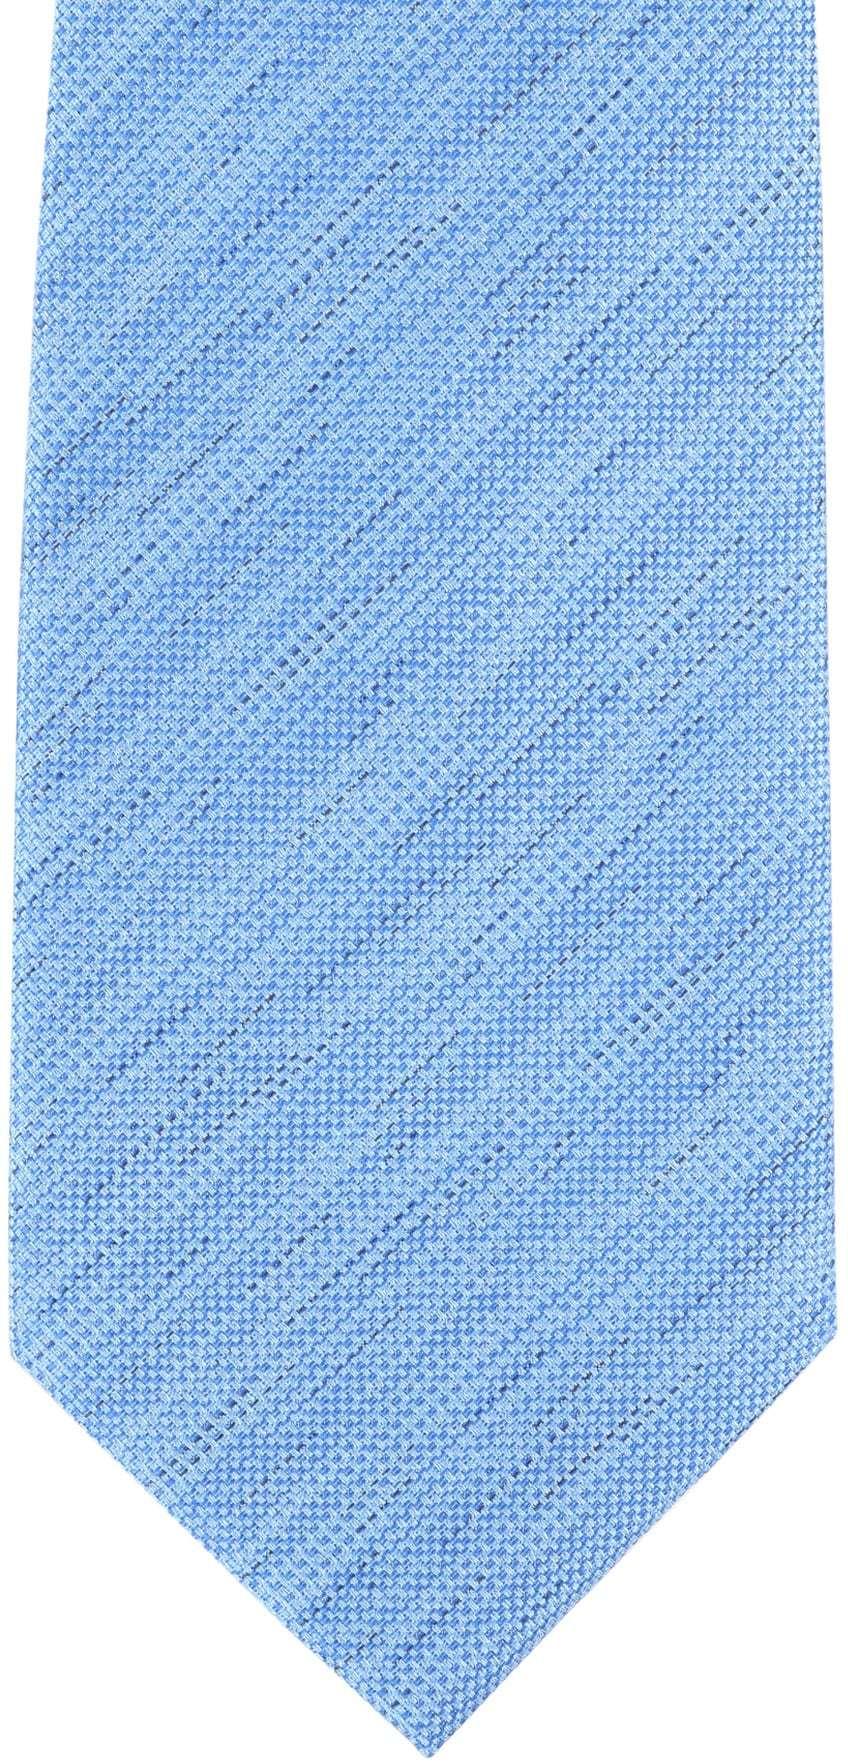 Krawatte Seide Hellblau 9-17 foto 1